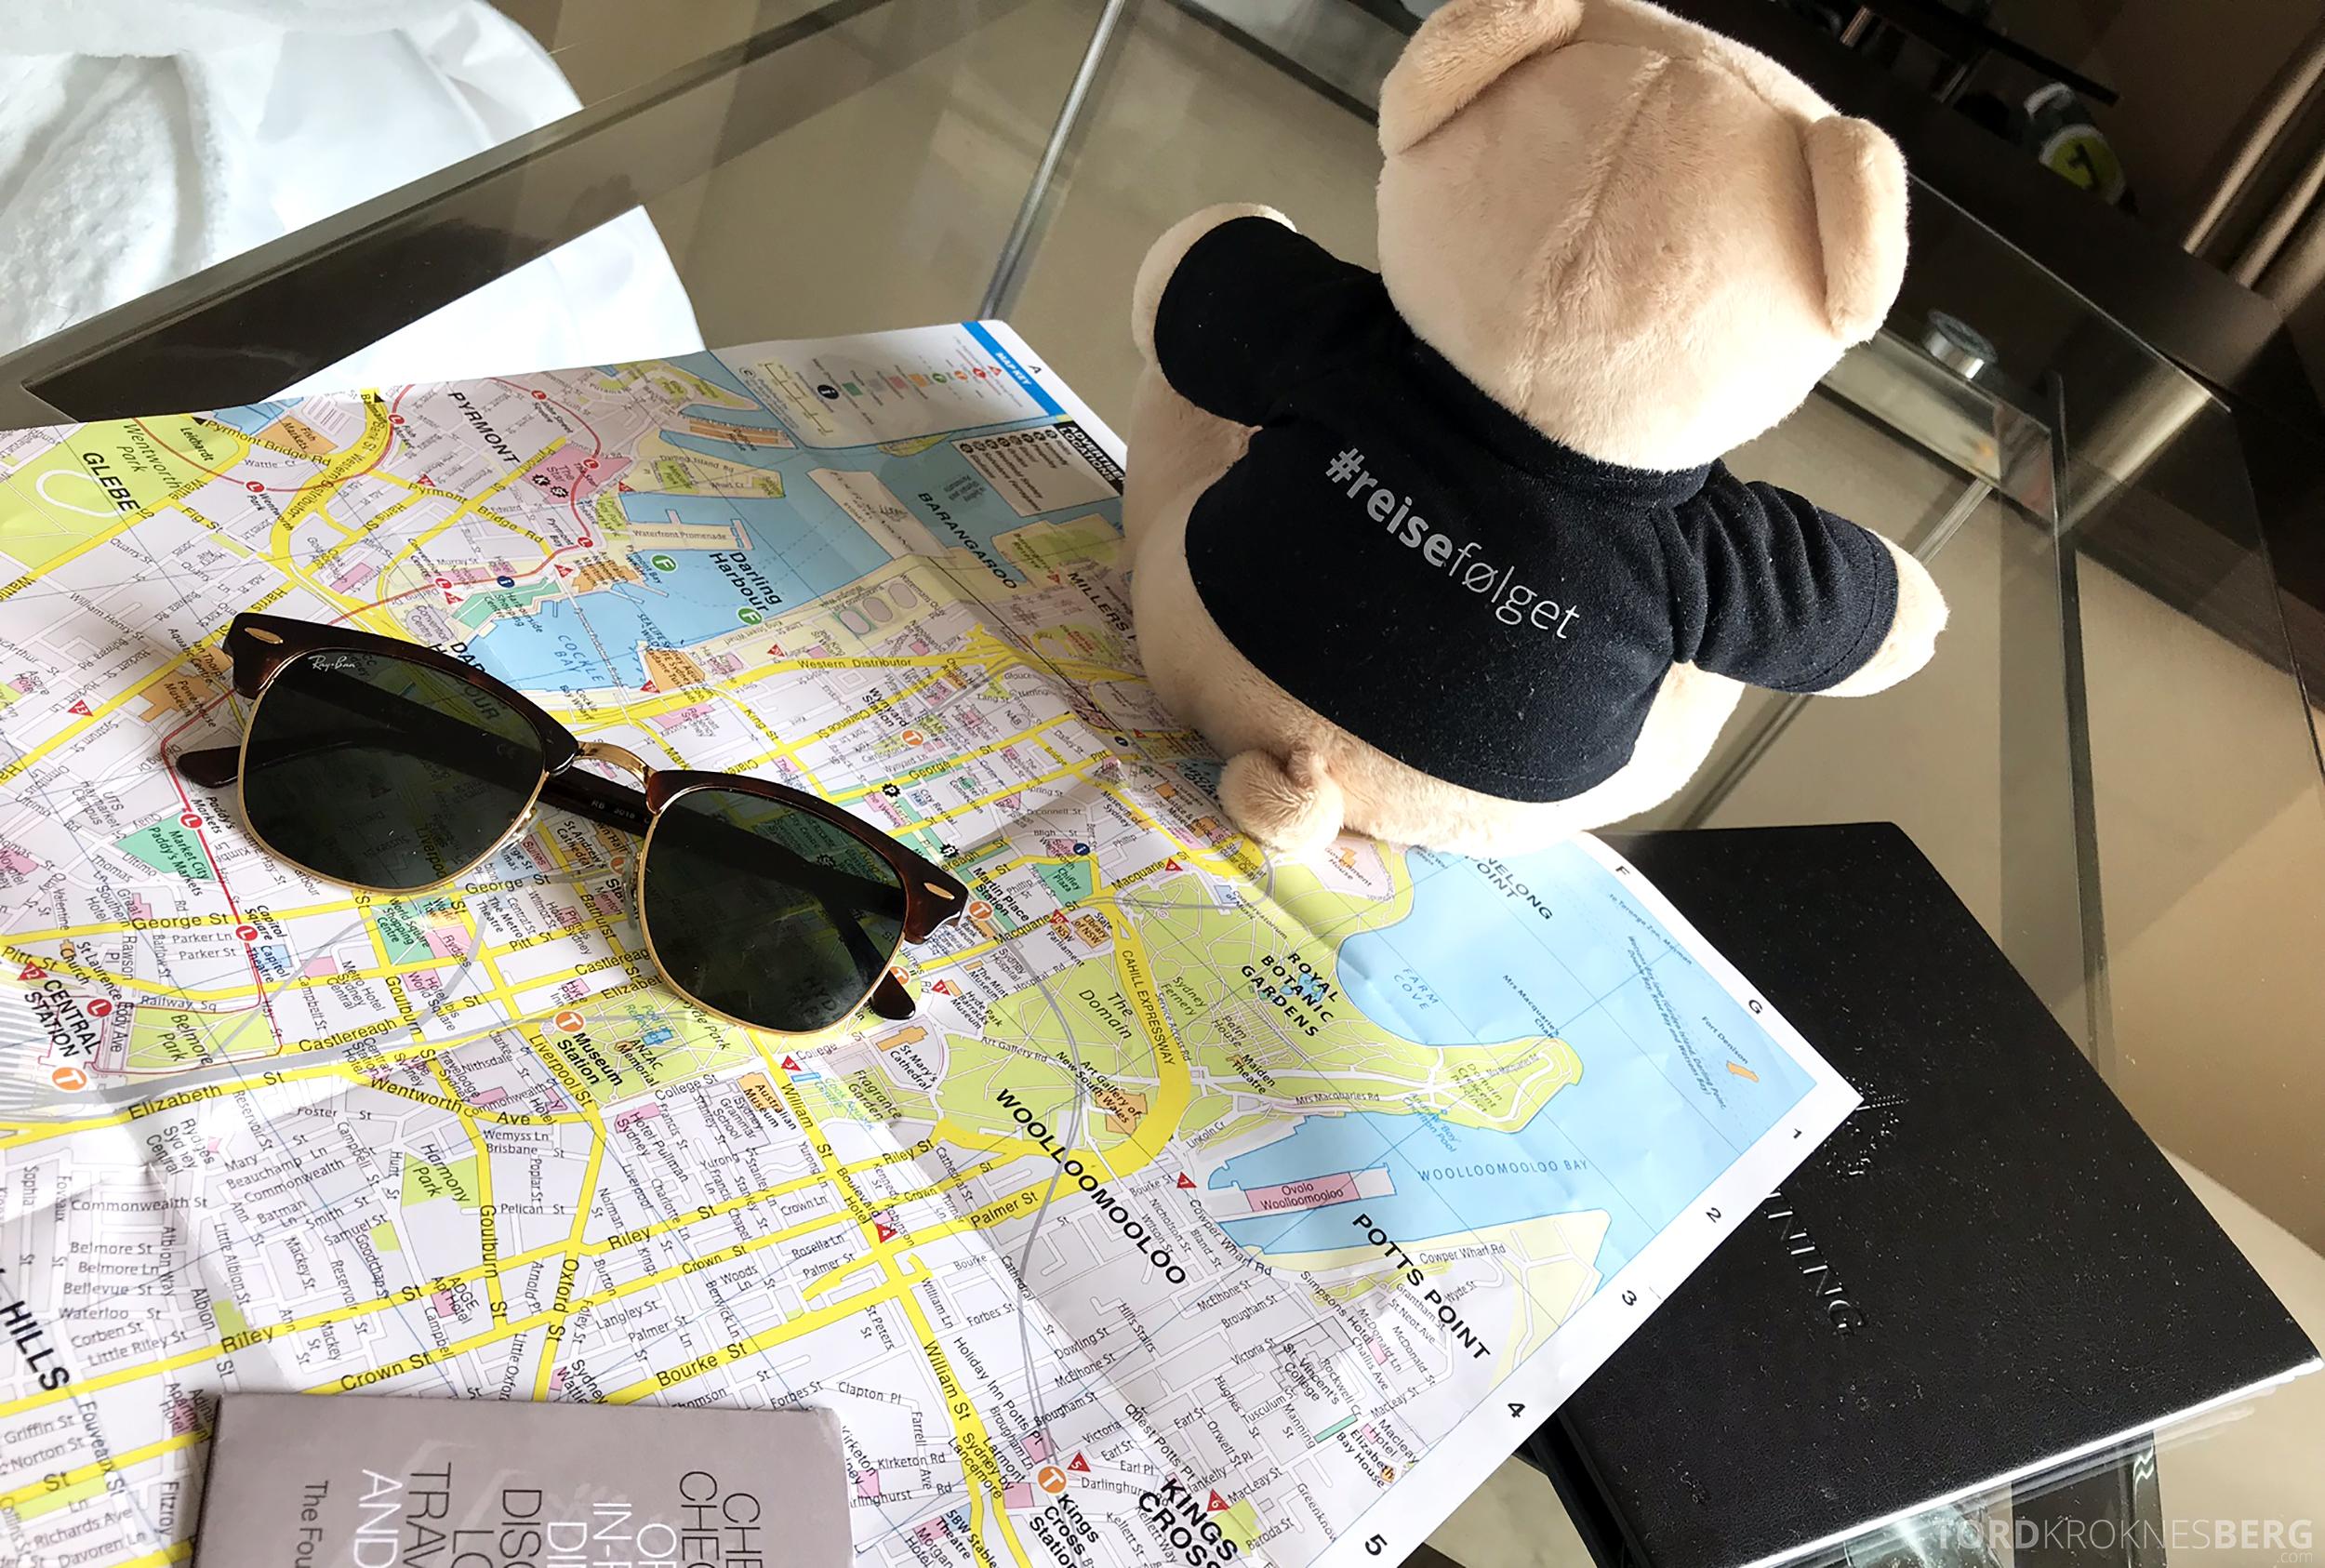 Four Seasons Hotel Sydney reisefølget kart